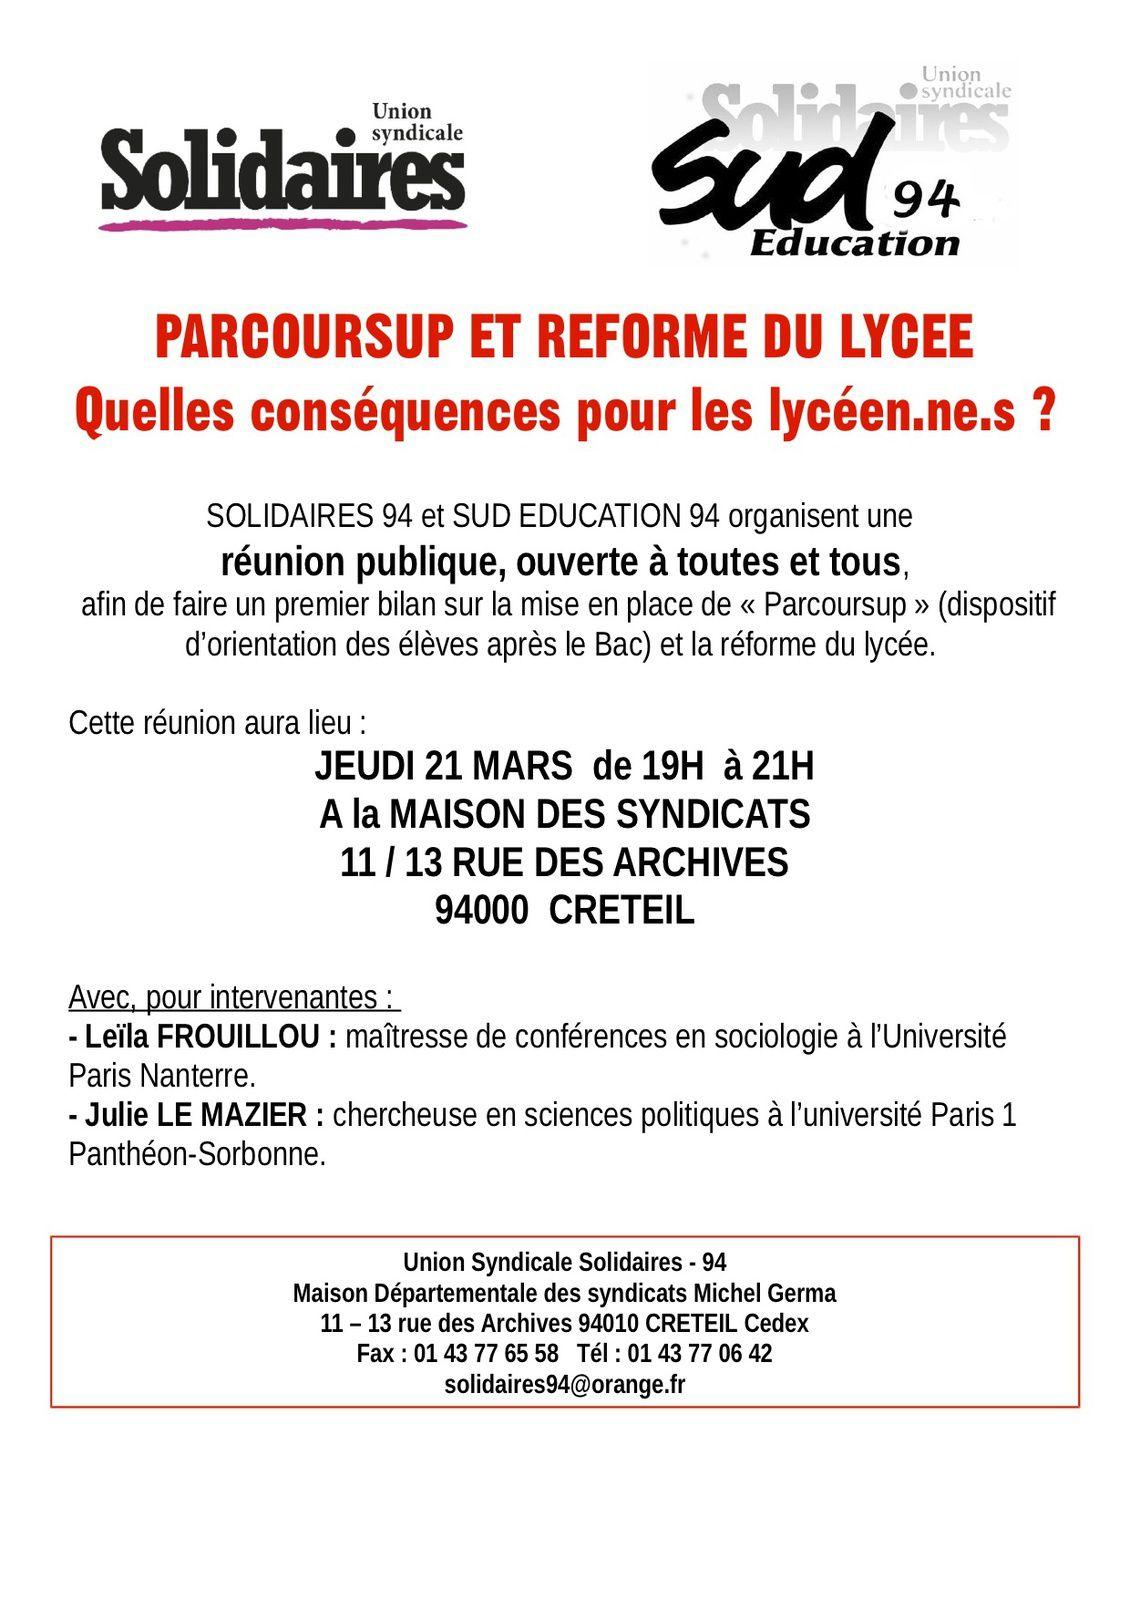 Education : Réunion publique parcoursup et réforme du lycée 21 mars 19H Créteil